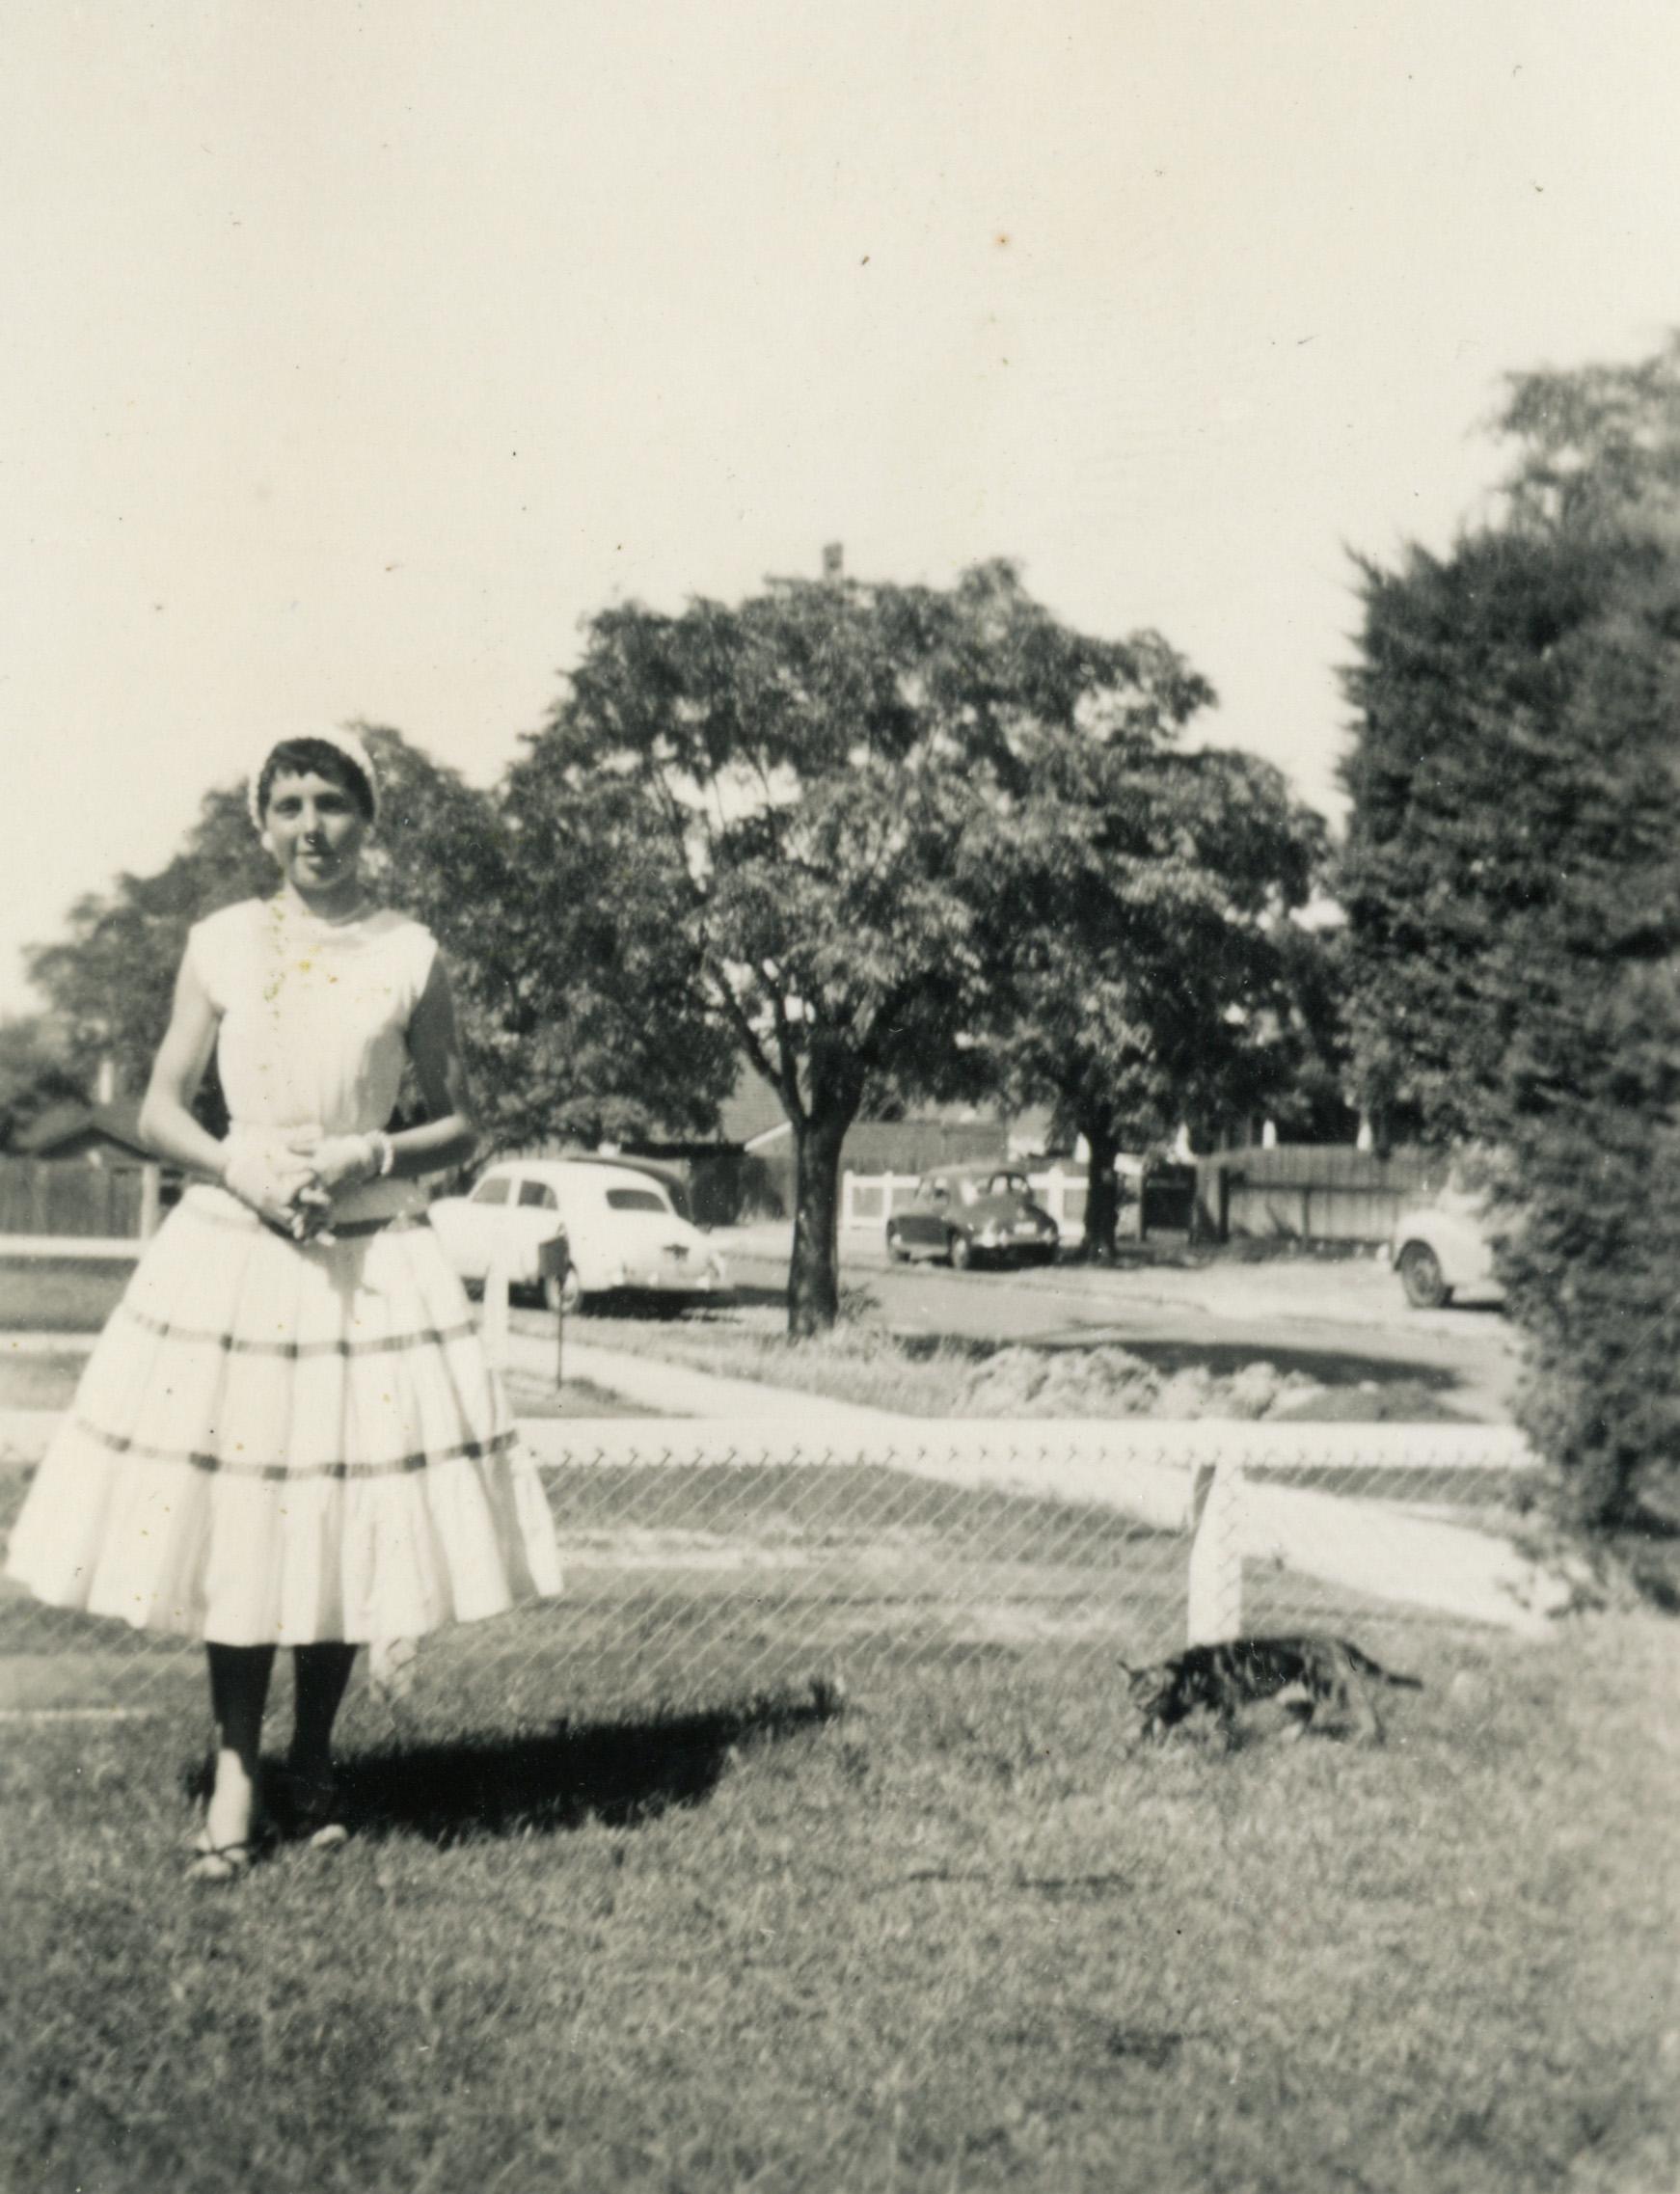 102. Marie Slyth, West Perth 1960